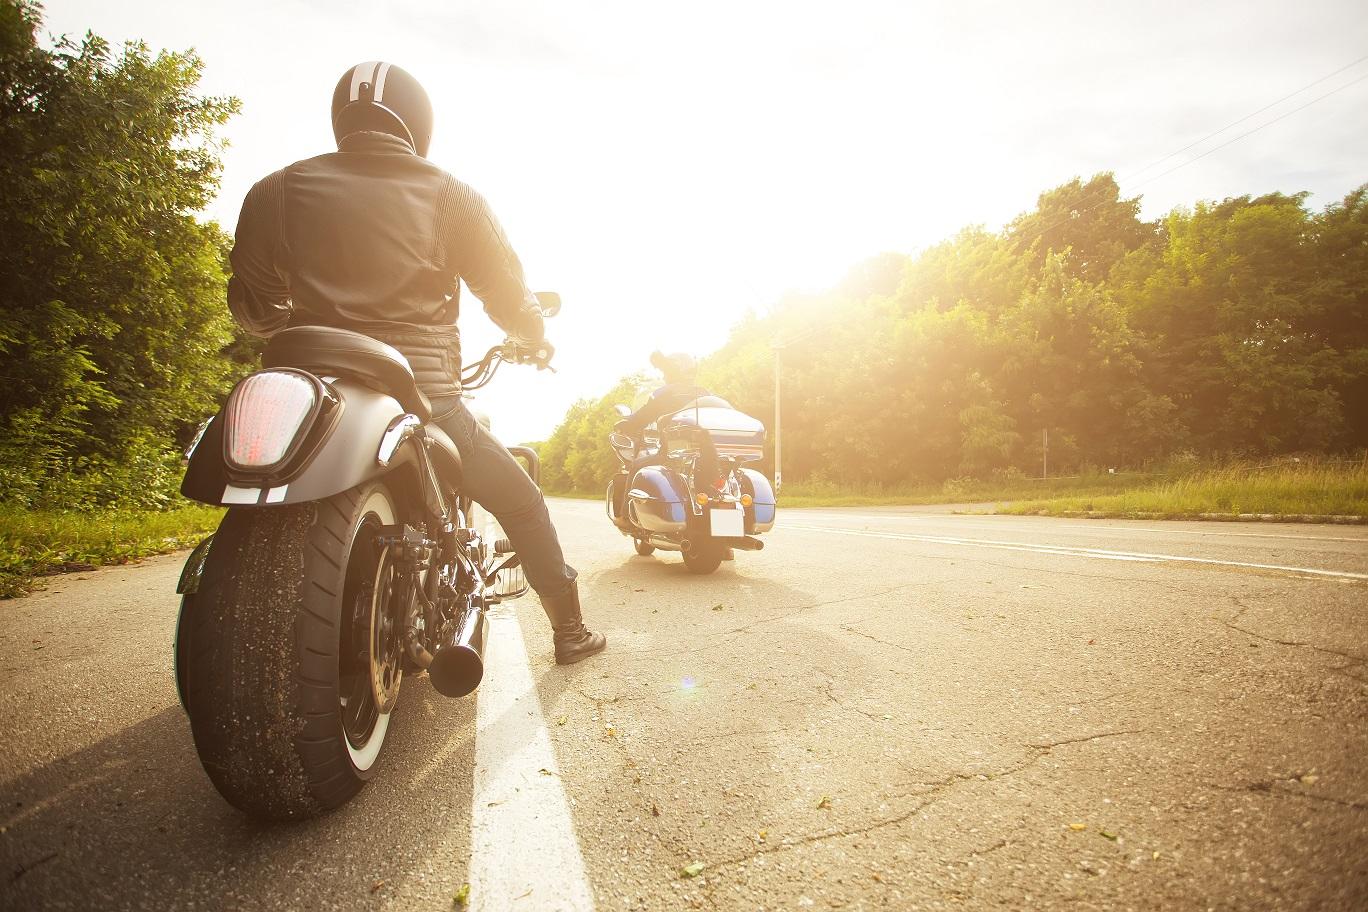 Comment s'équiper pour faire de la moto? 1